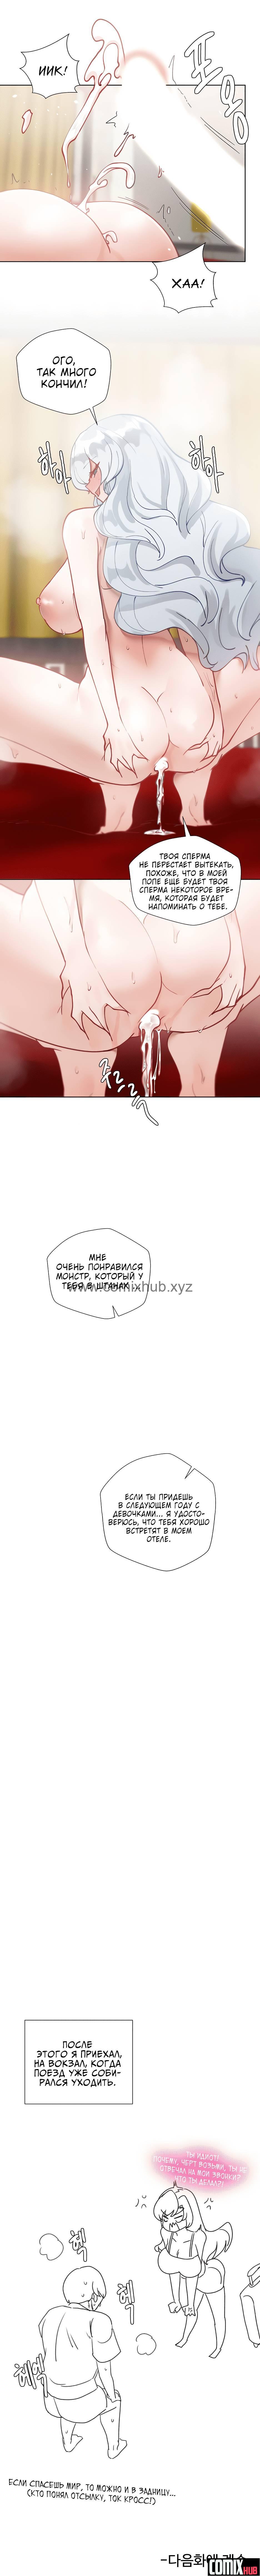 Манхва Репетиторство, часть 21 Большая грудь, Большая попа, Групповой секс, Инцест, Мастурбация, Хентай манга, манхва